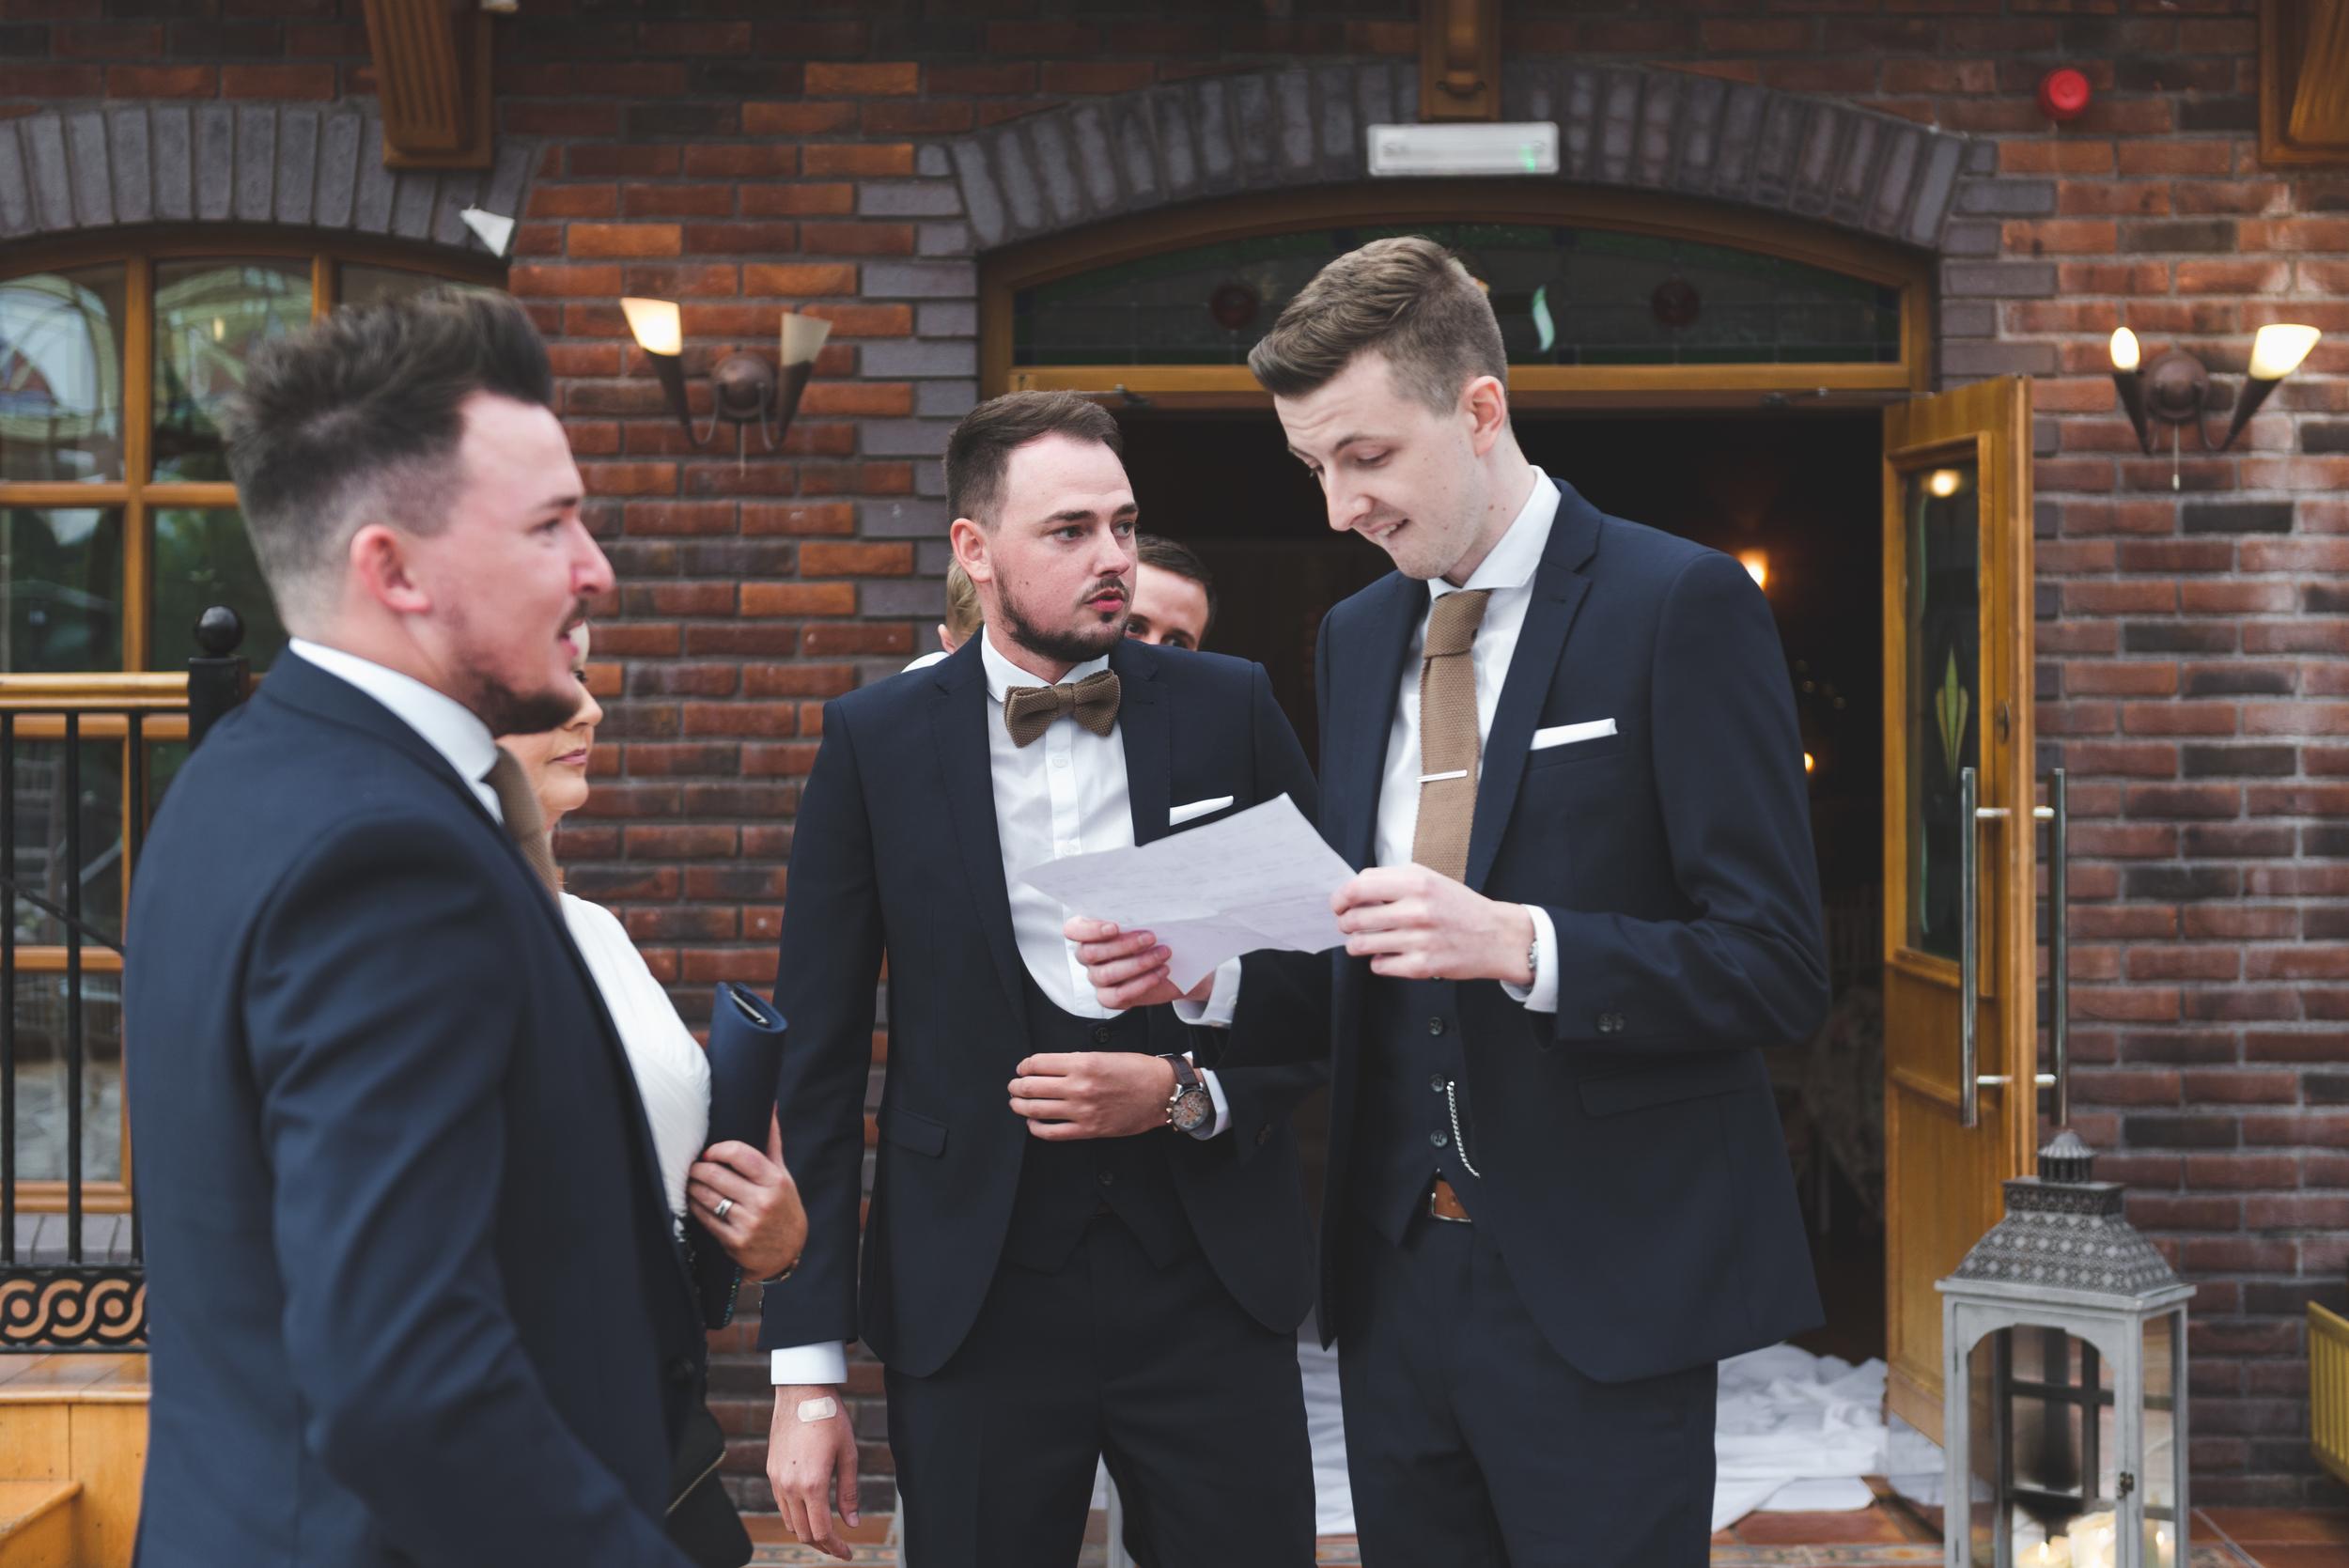 Northern_Ireland_Wedding_Photographer_Purephotoni_Weavers_Lodge_Groom